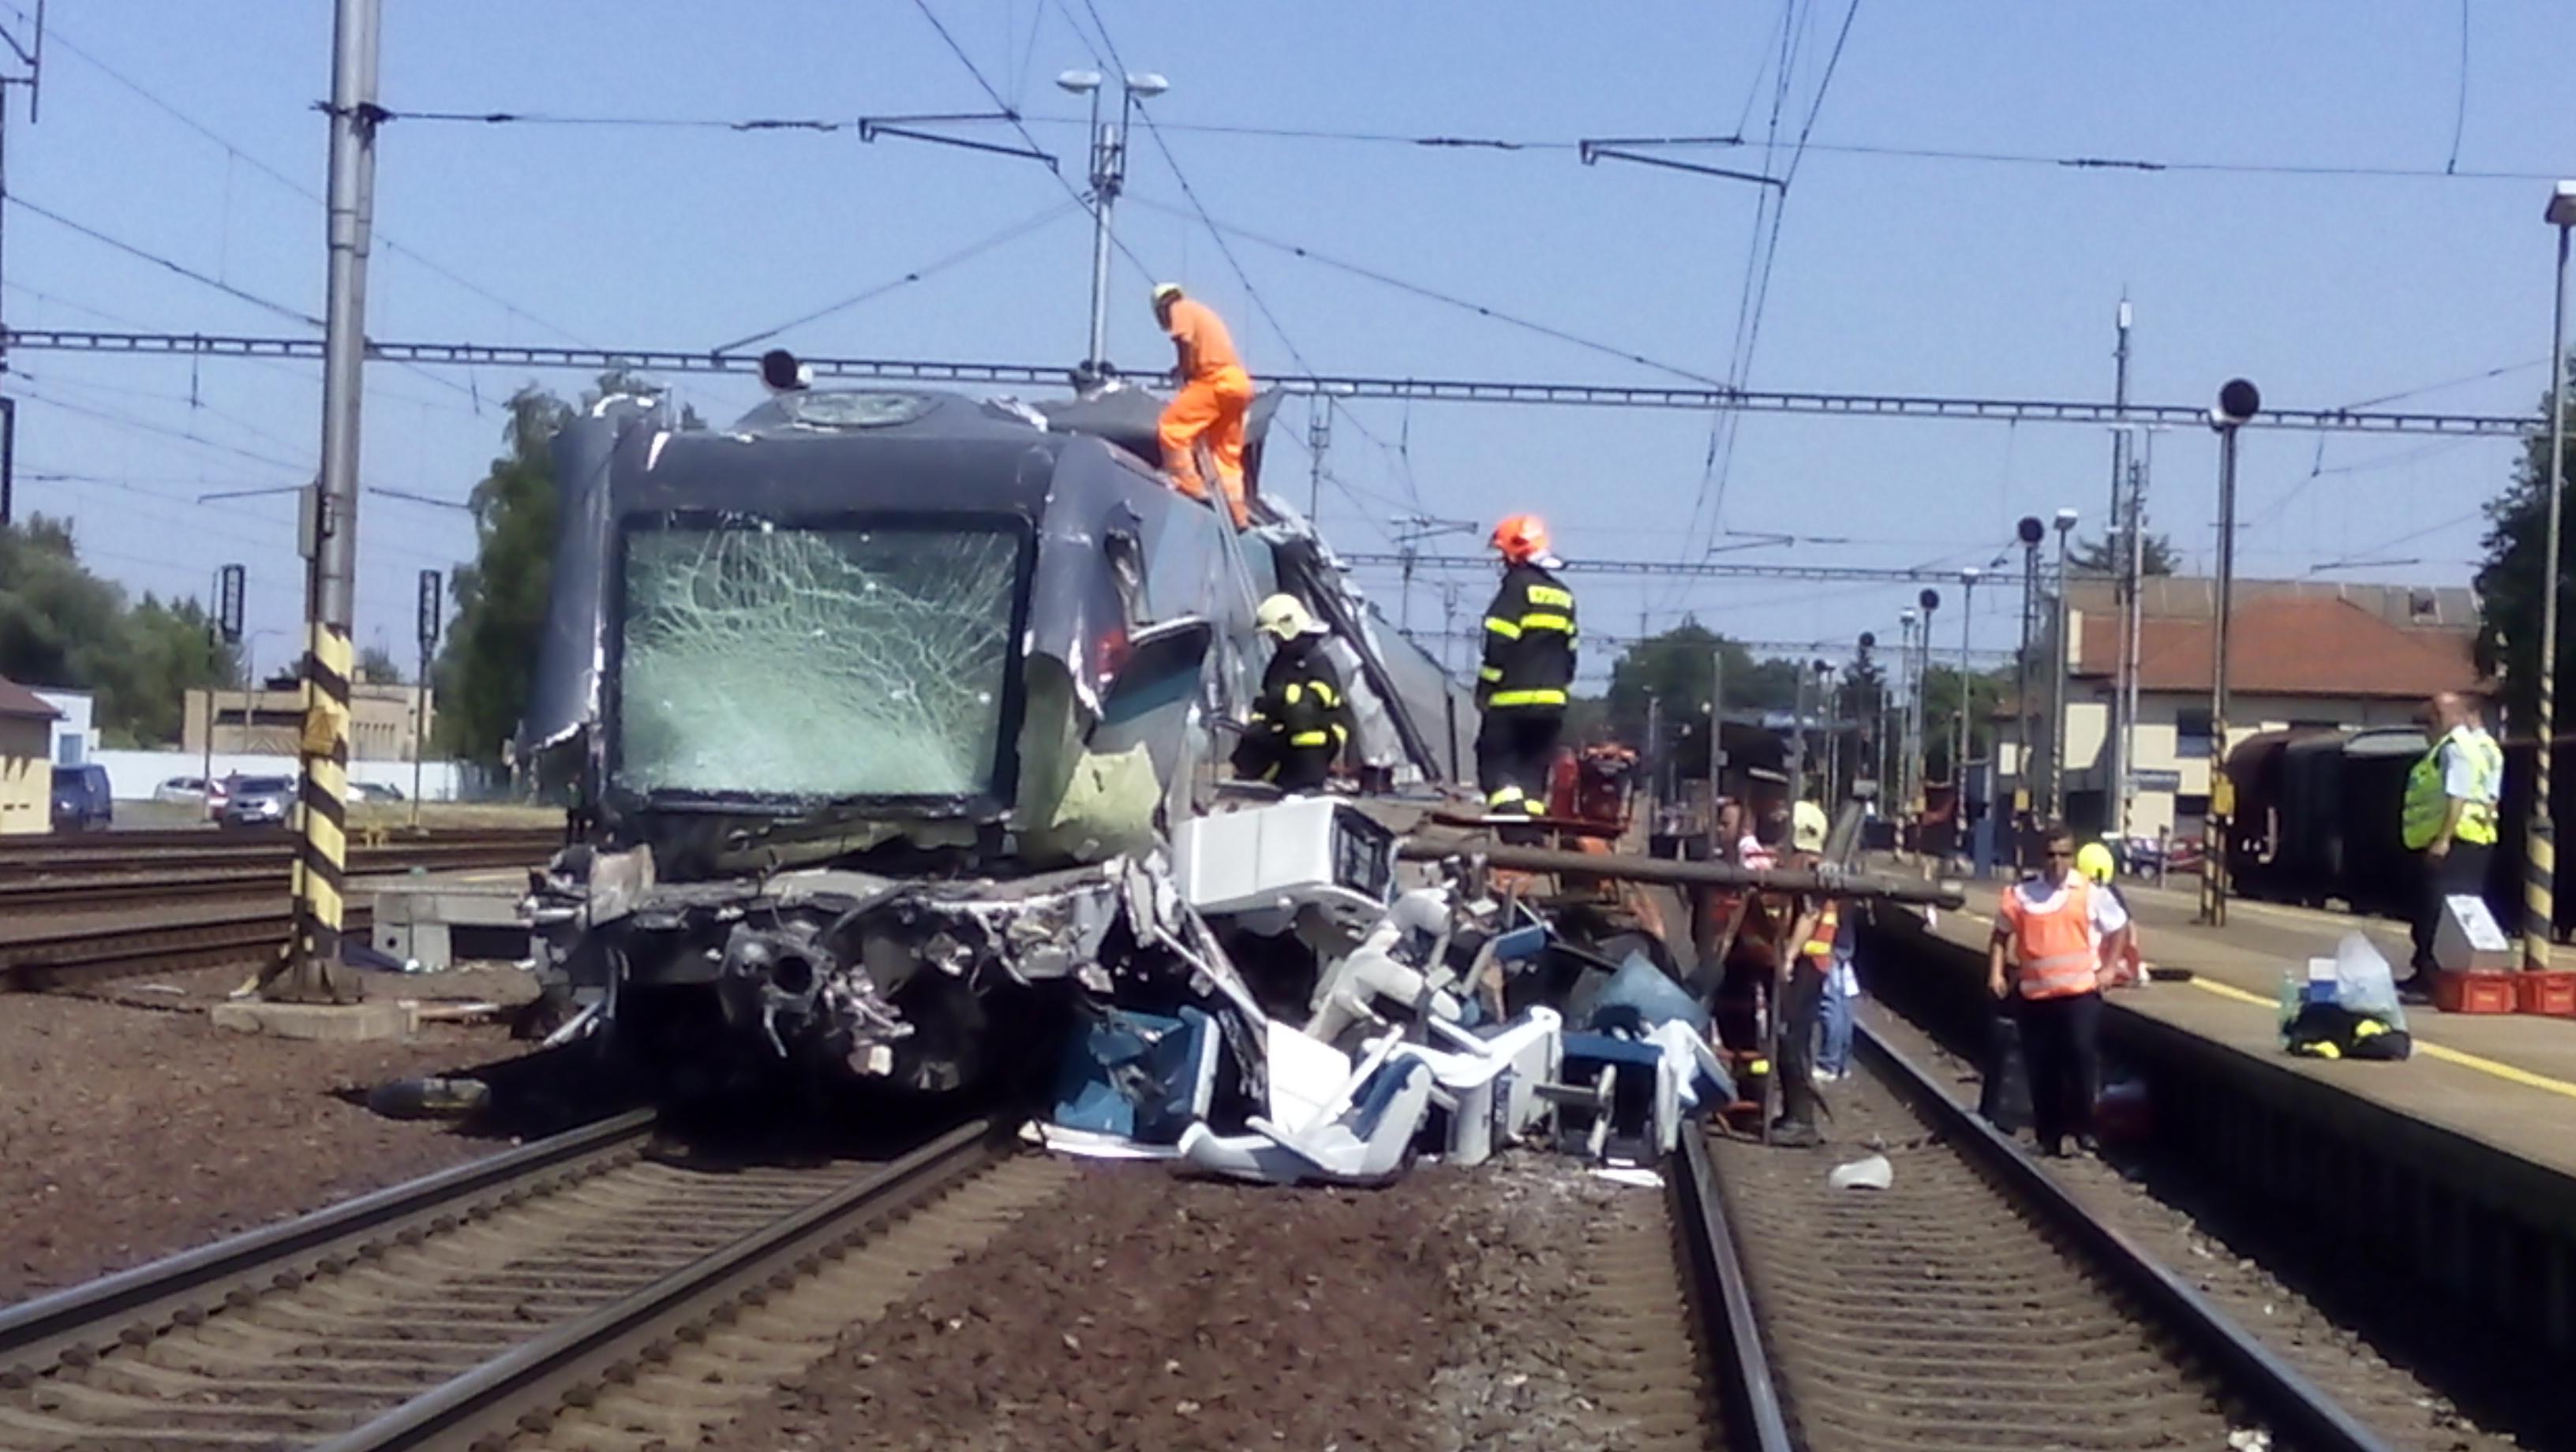 Nehoda pendolina ve Studénce 22.7. 2015. Foto: Drážní inspekce